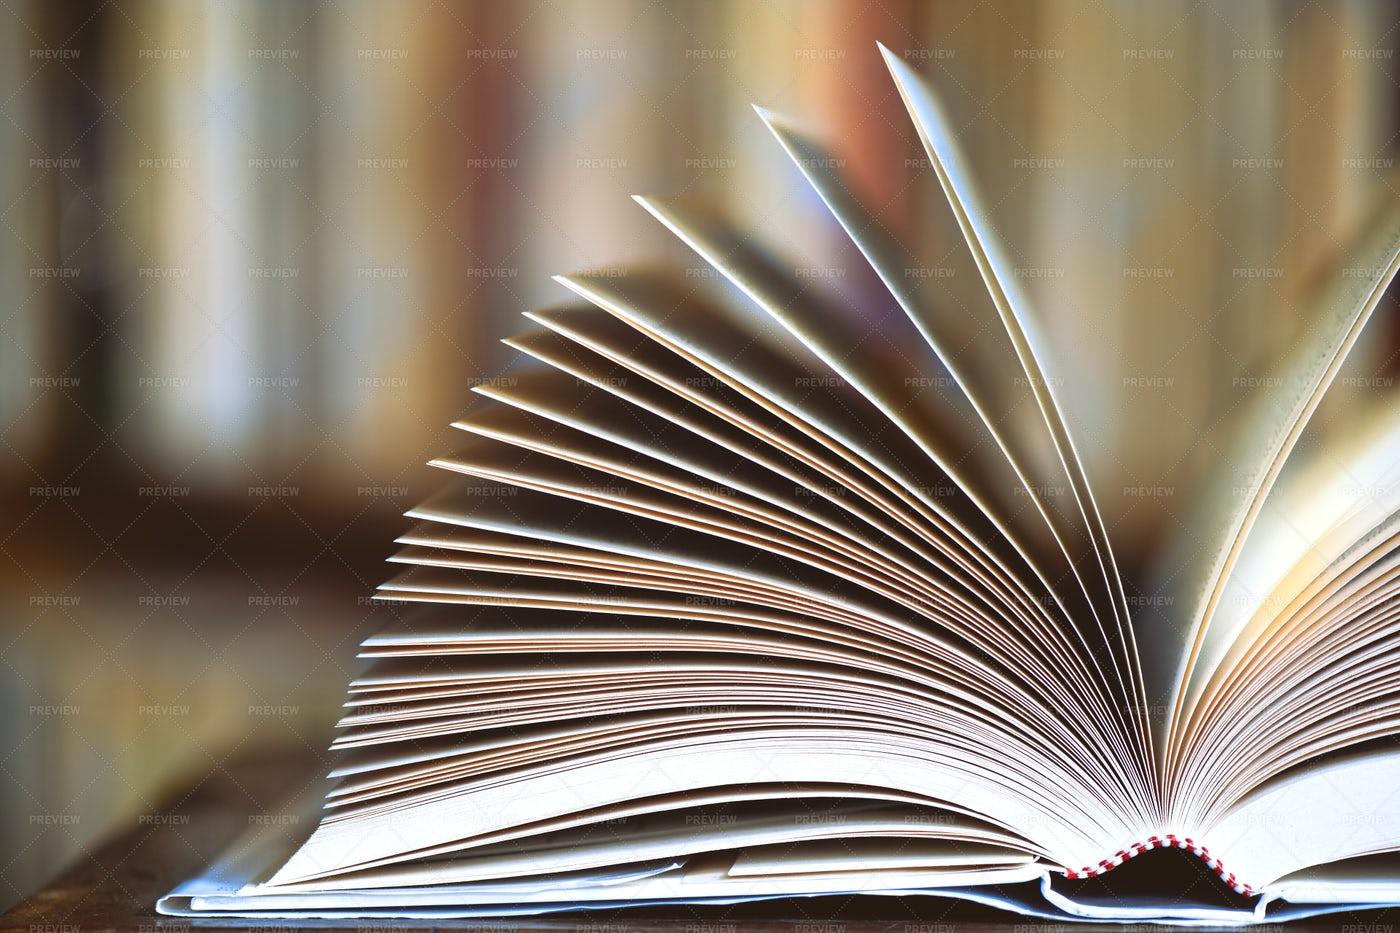 Open Book: Stock Photos